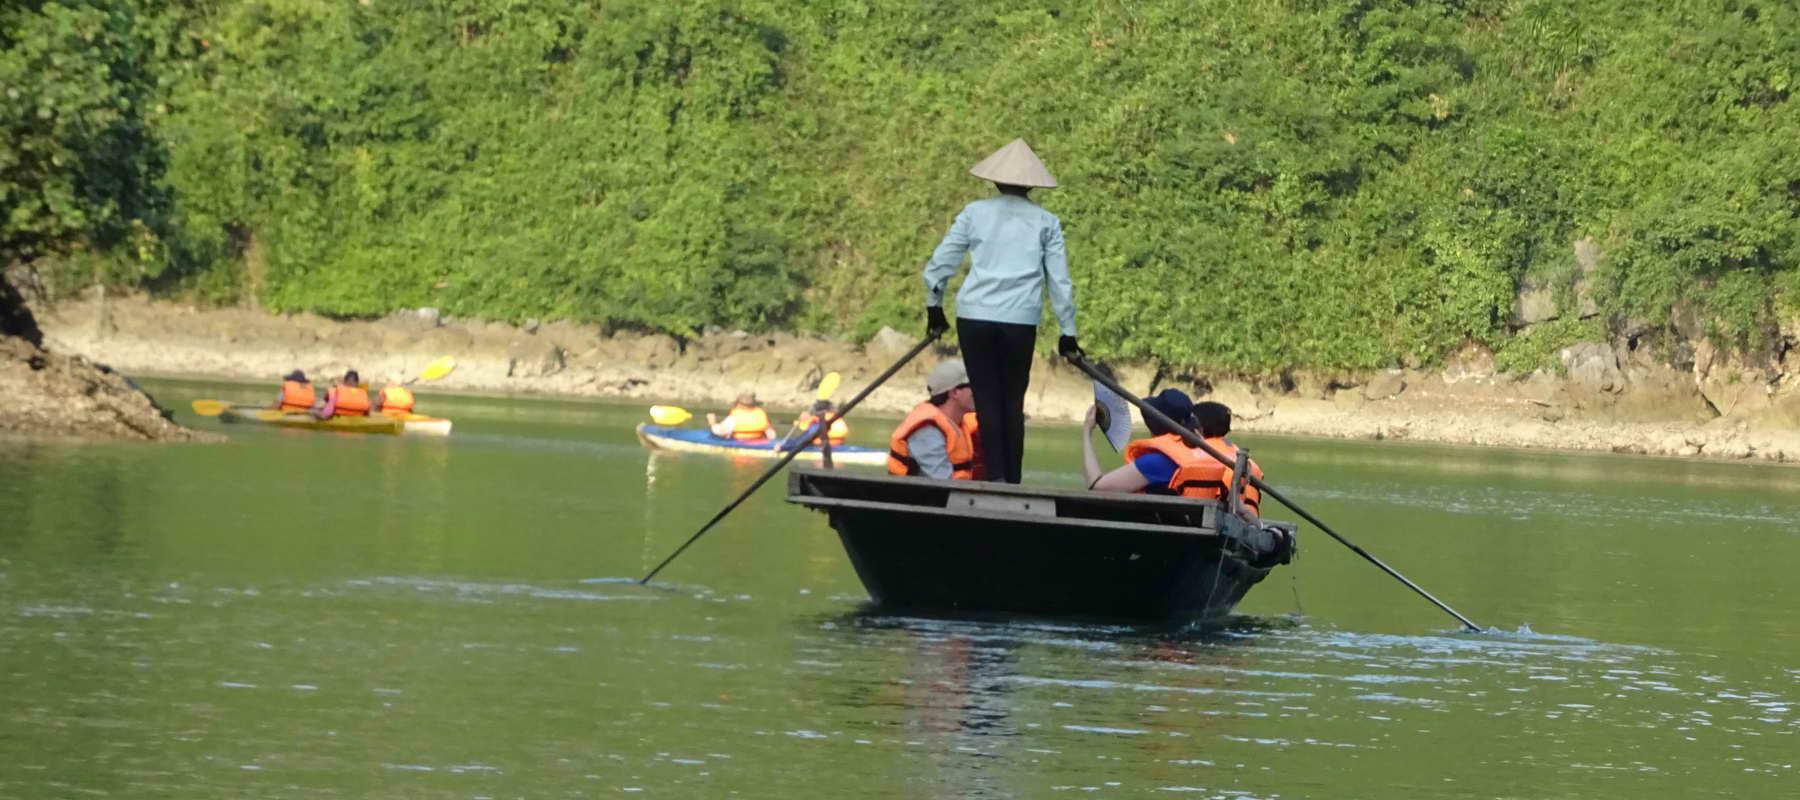 Unsere Vietnam Spezialisten kennen sich vor Ort aus und helfen Ihnen Ihren idealen Vietnam Urlaub zu planen.